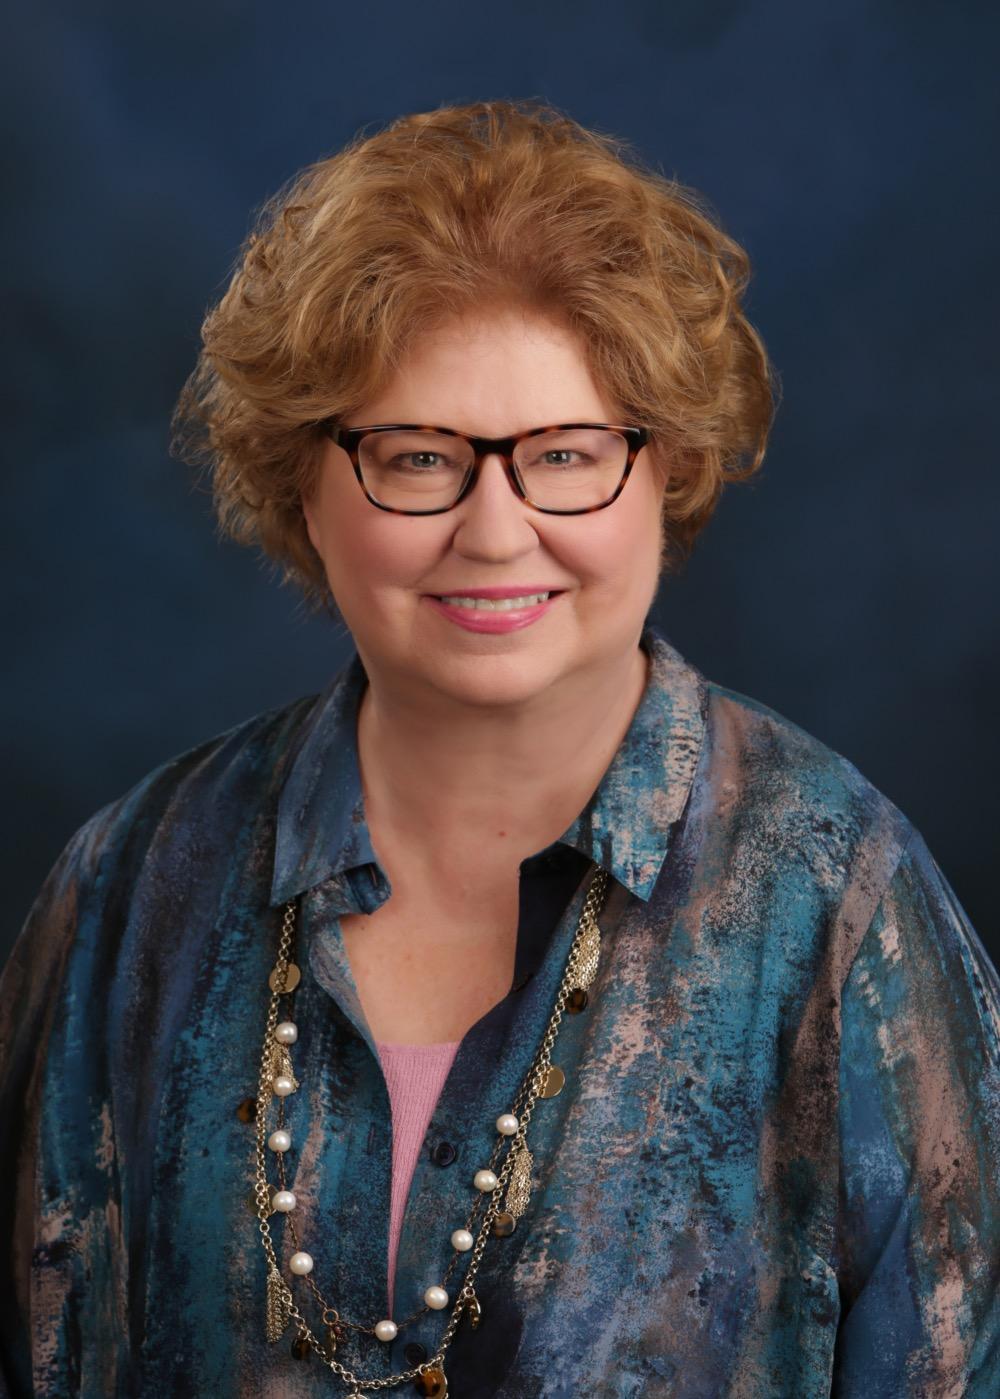 Jacqueline Andrews